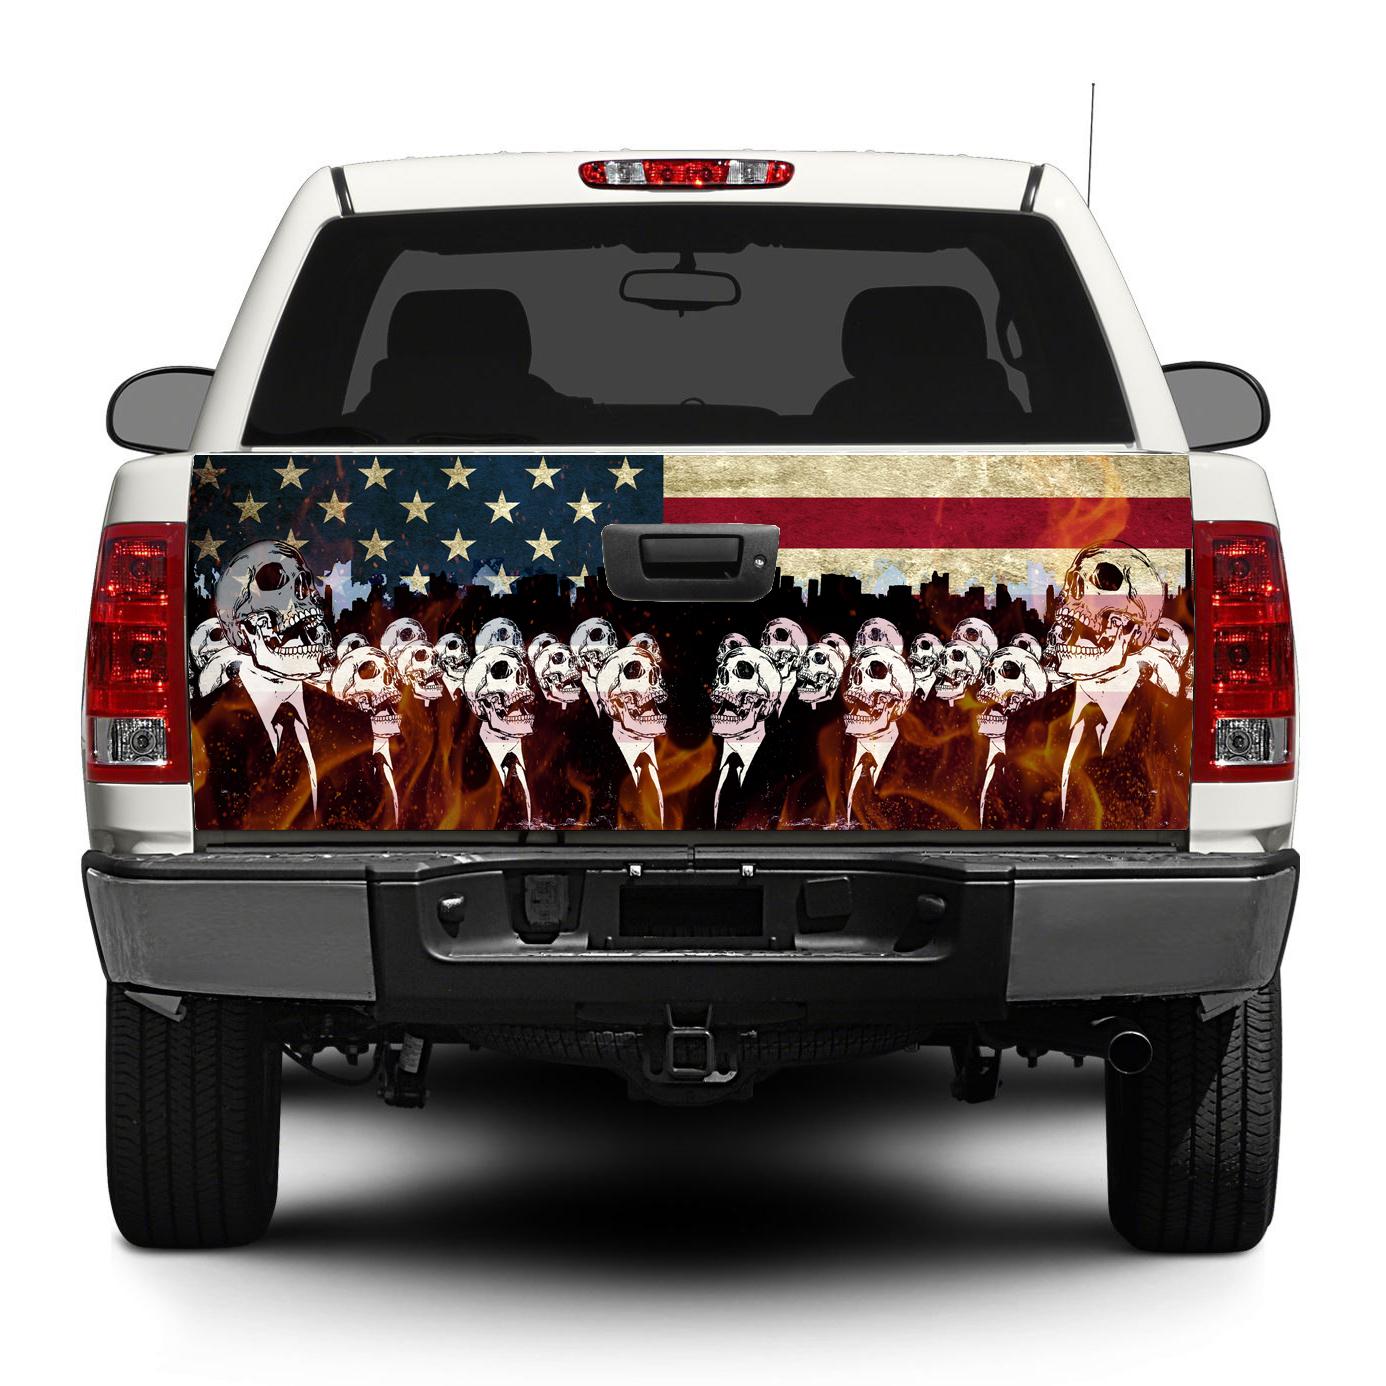 Supdec Dodge Decals Stickers